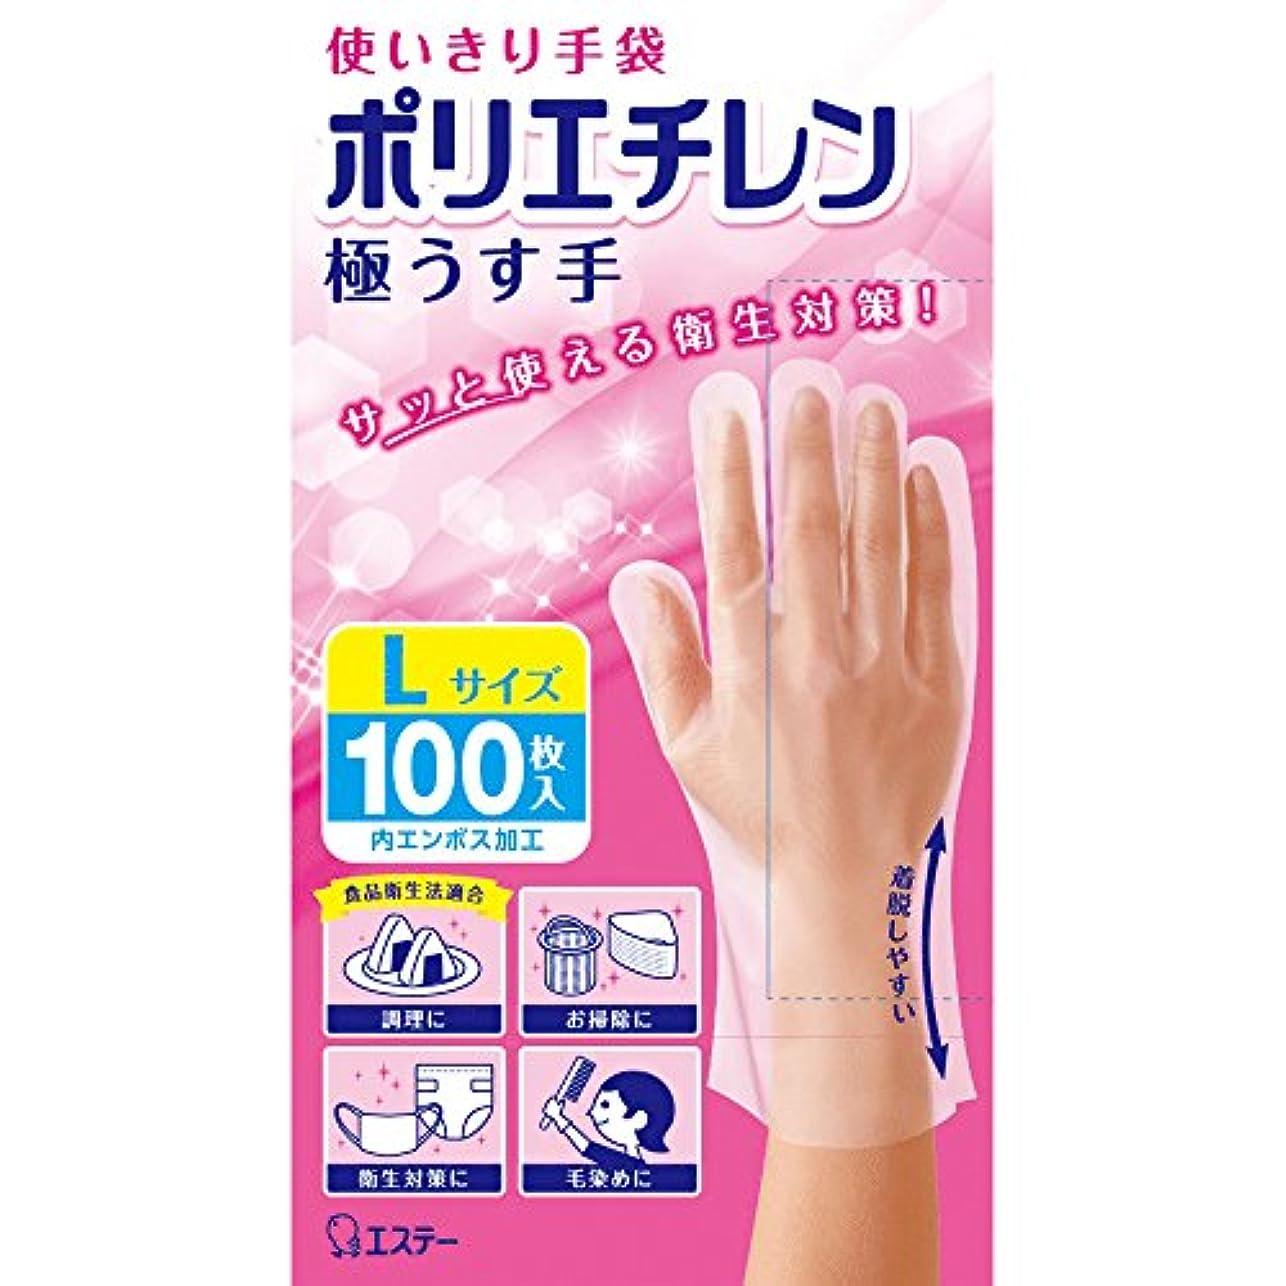 緊張する裁判官疑い者使いきり手袋 ポリエチレン 極うす手 Lサイズ 半透明 100枚